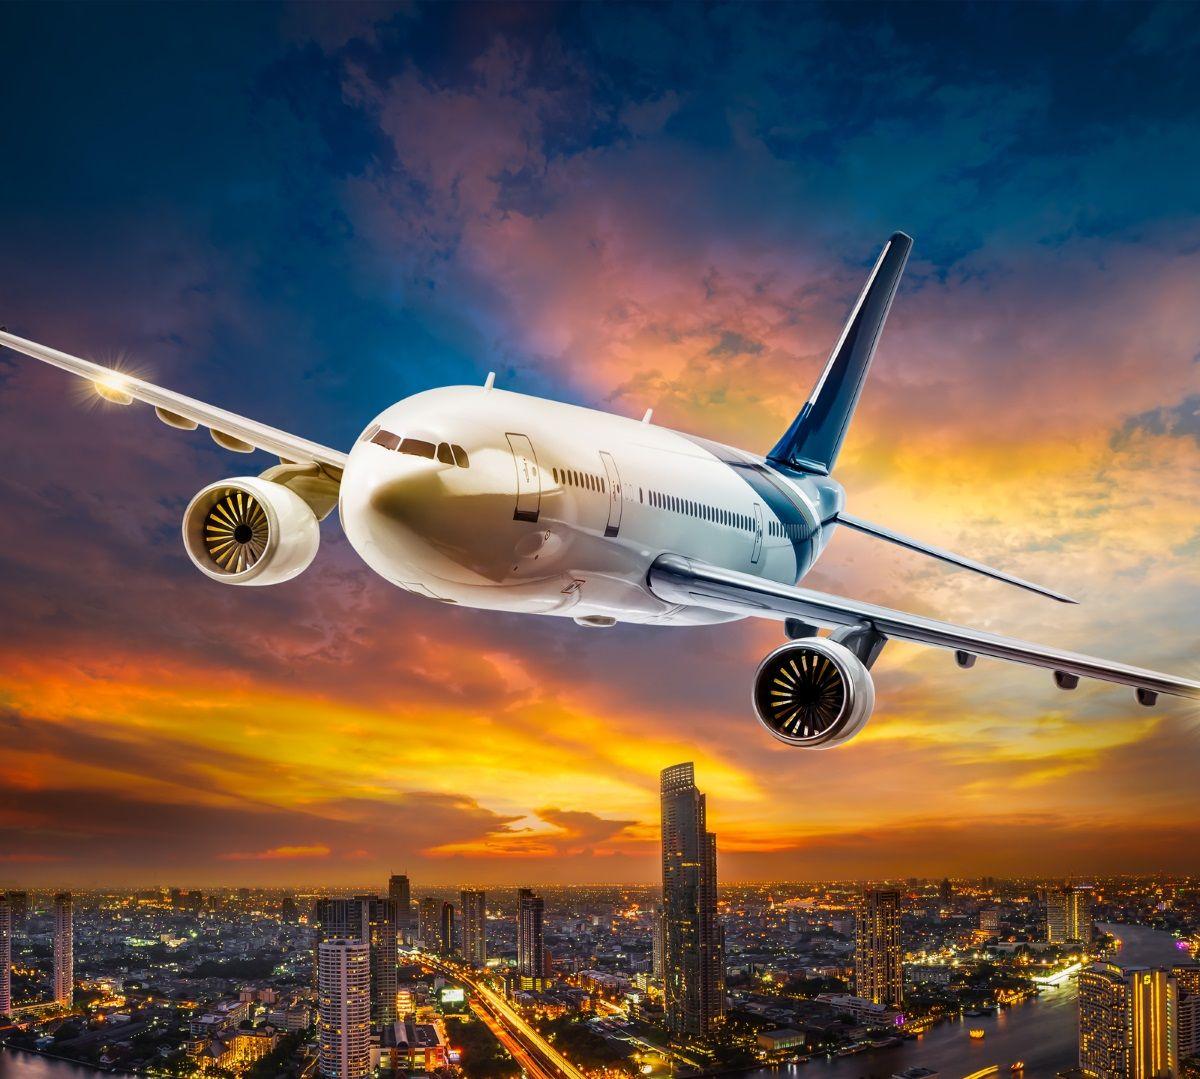 Дню, самолеты картинки фото